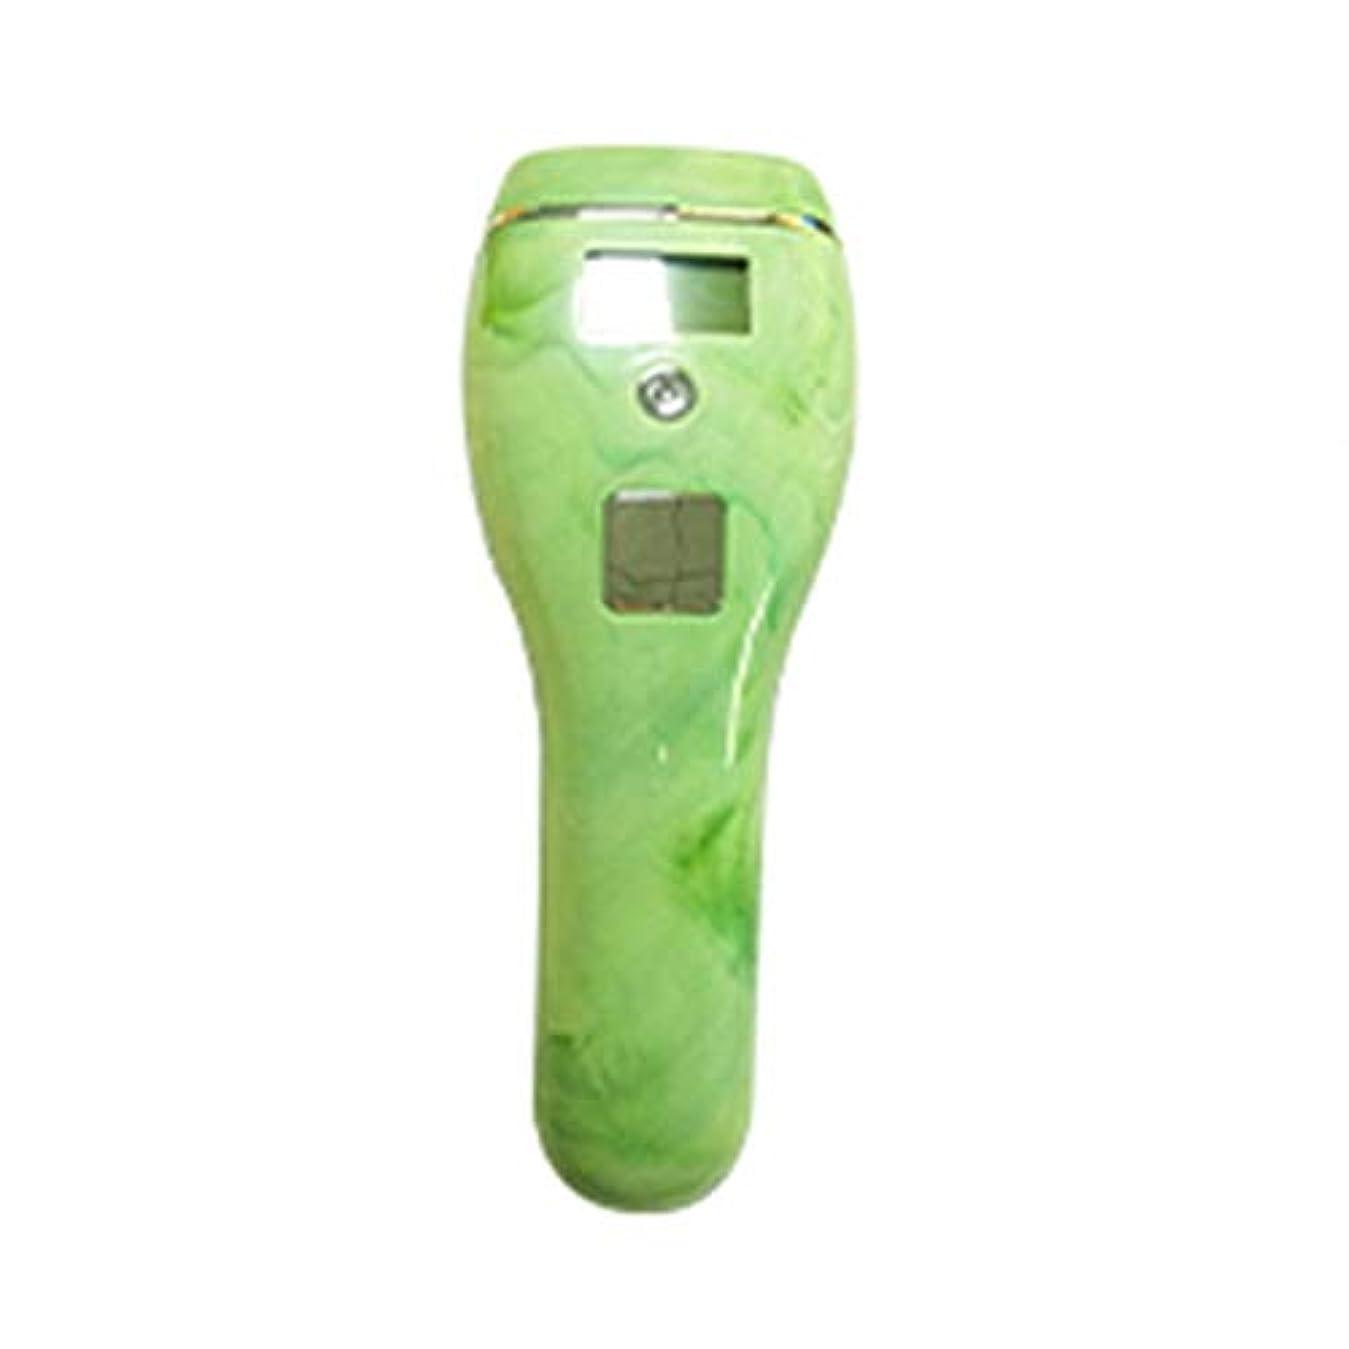 ストレンジャー検体ほこりっぽい高男 自動皮膚感知グリーン、5スピード調整、石英管、ポータブル無痛全身凍結脱毛器、サイズ19x7x5cm (Color : Green)